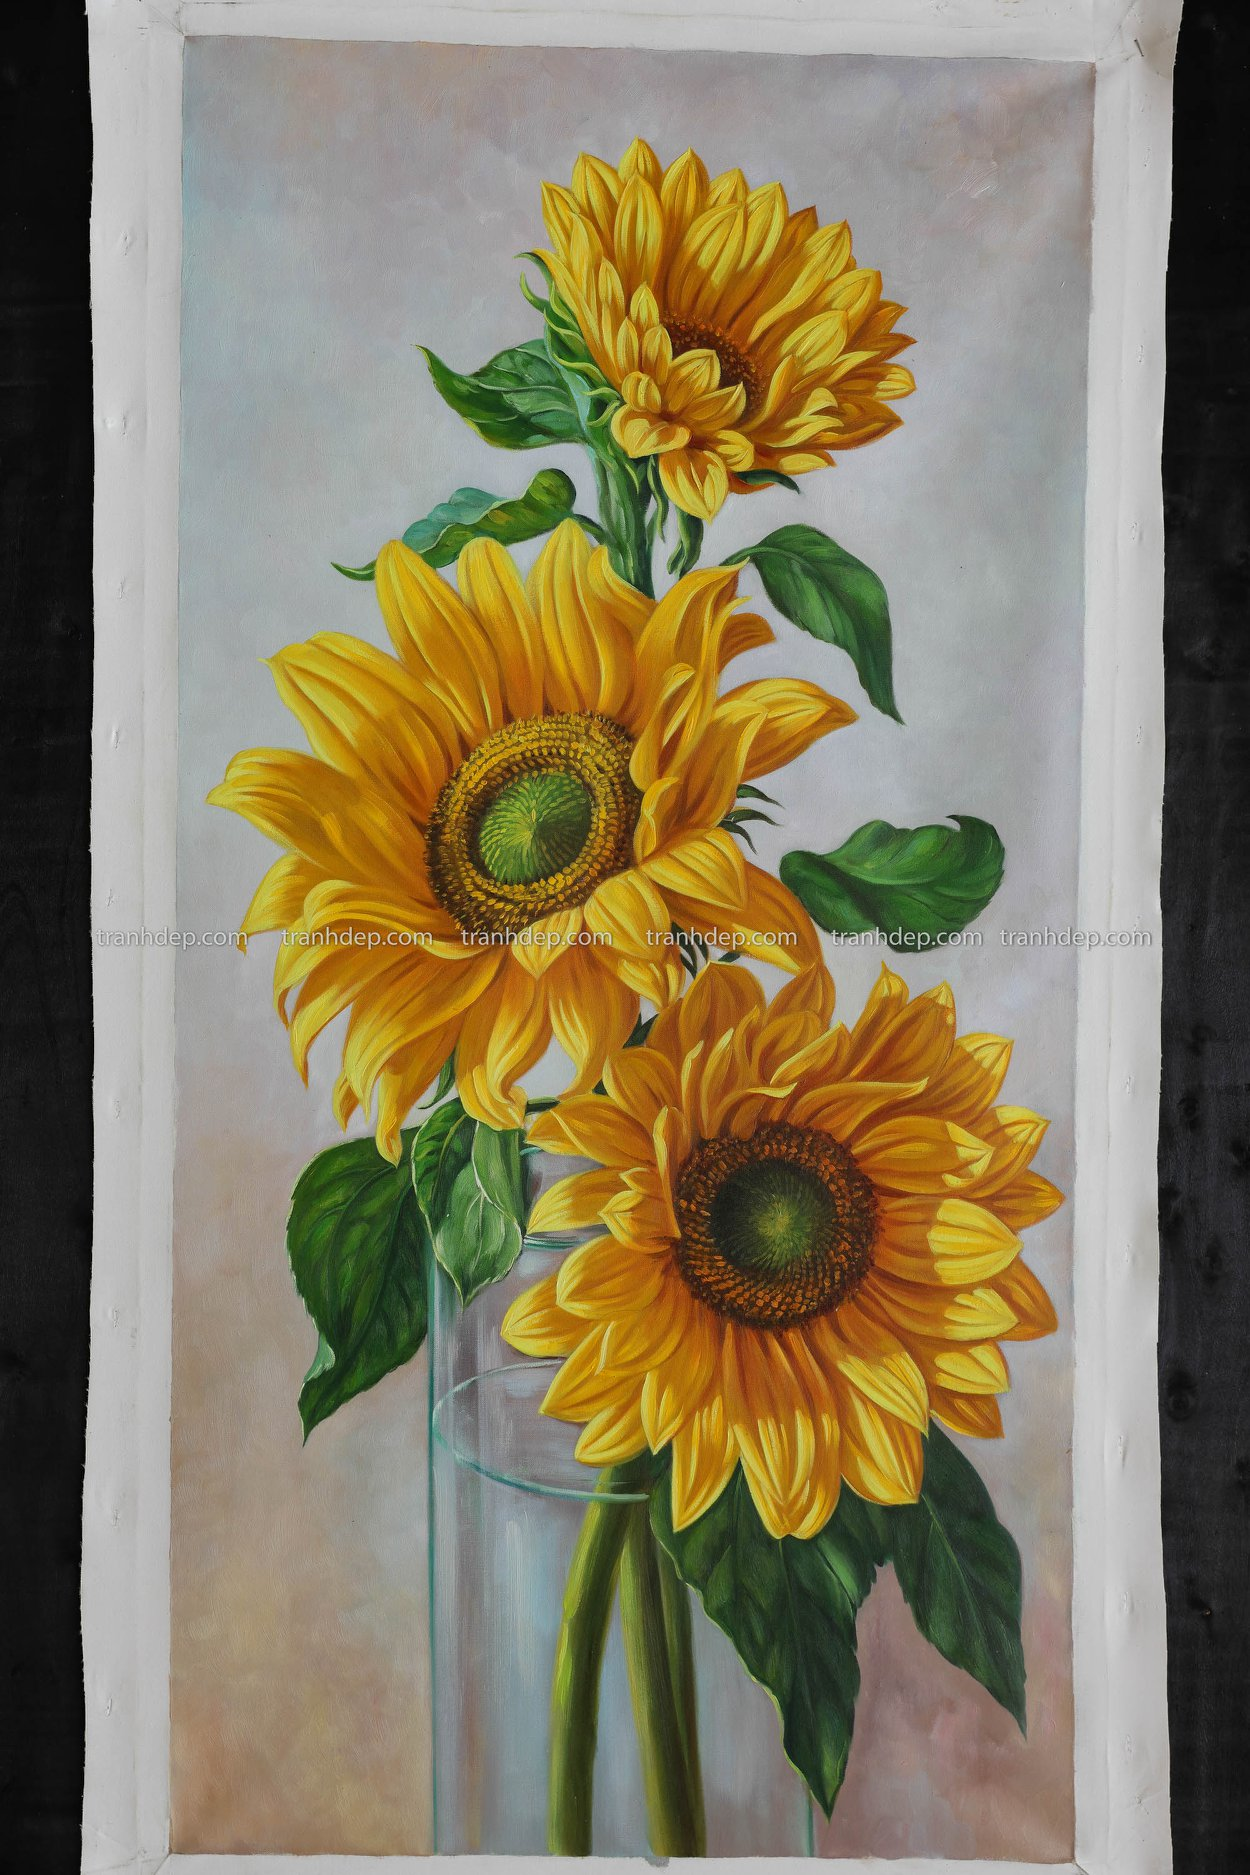 hoa hướng dương tranh vẽ